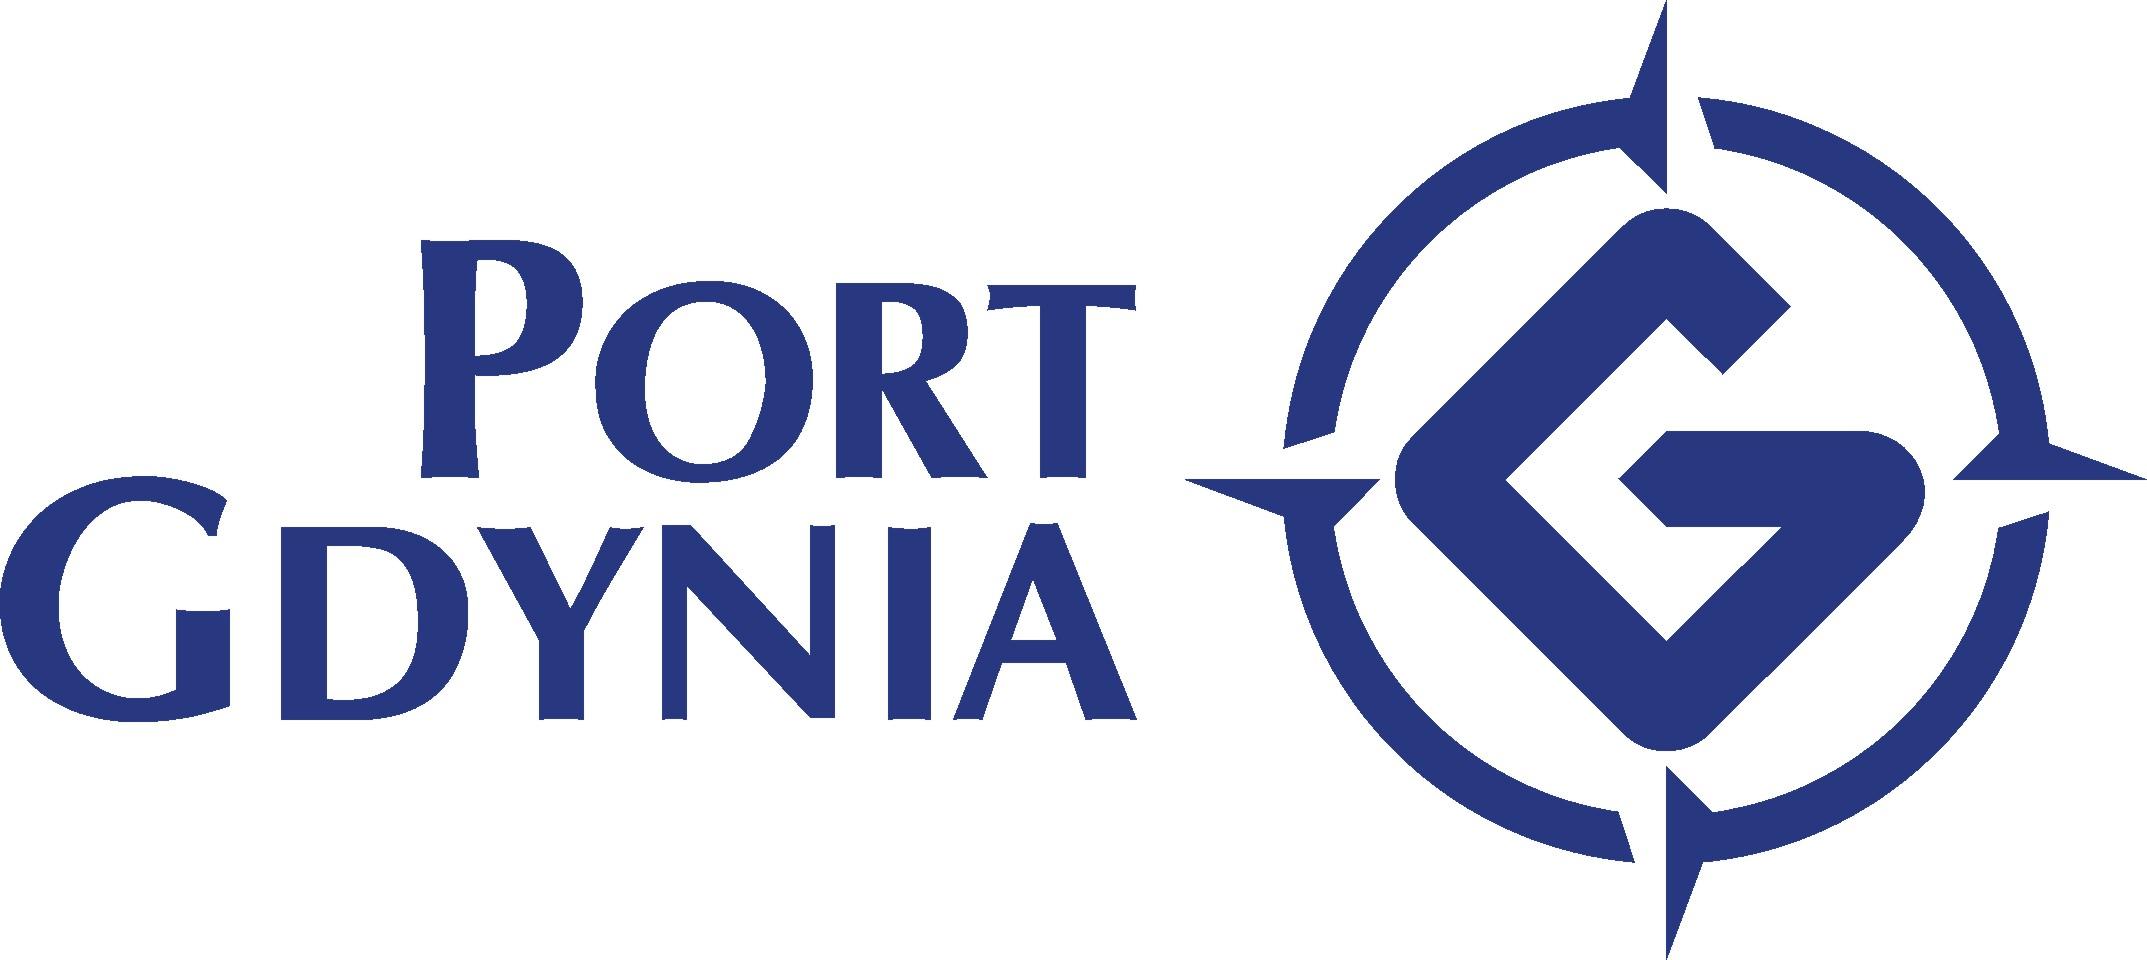 Port Gdynia _logo_ poziom